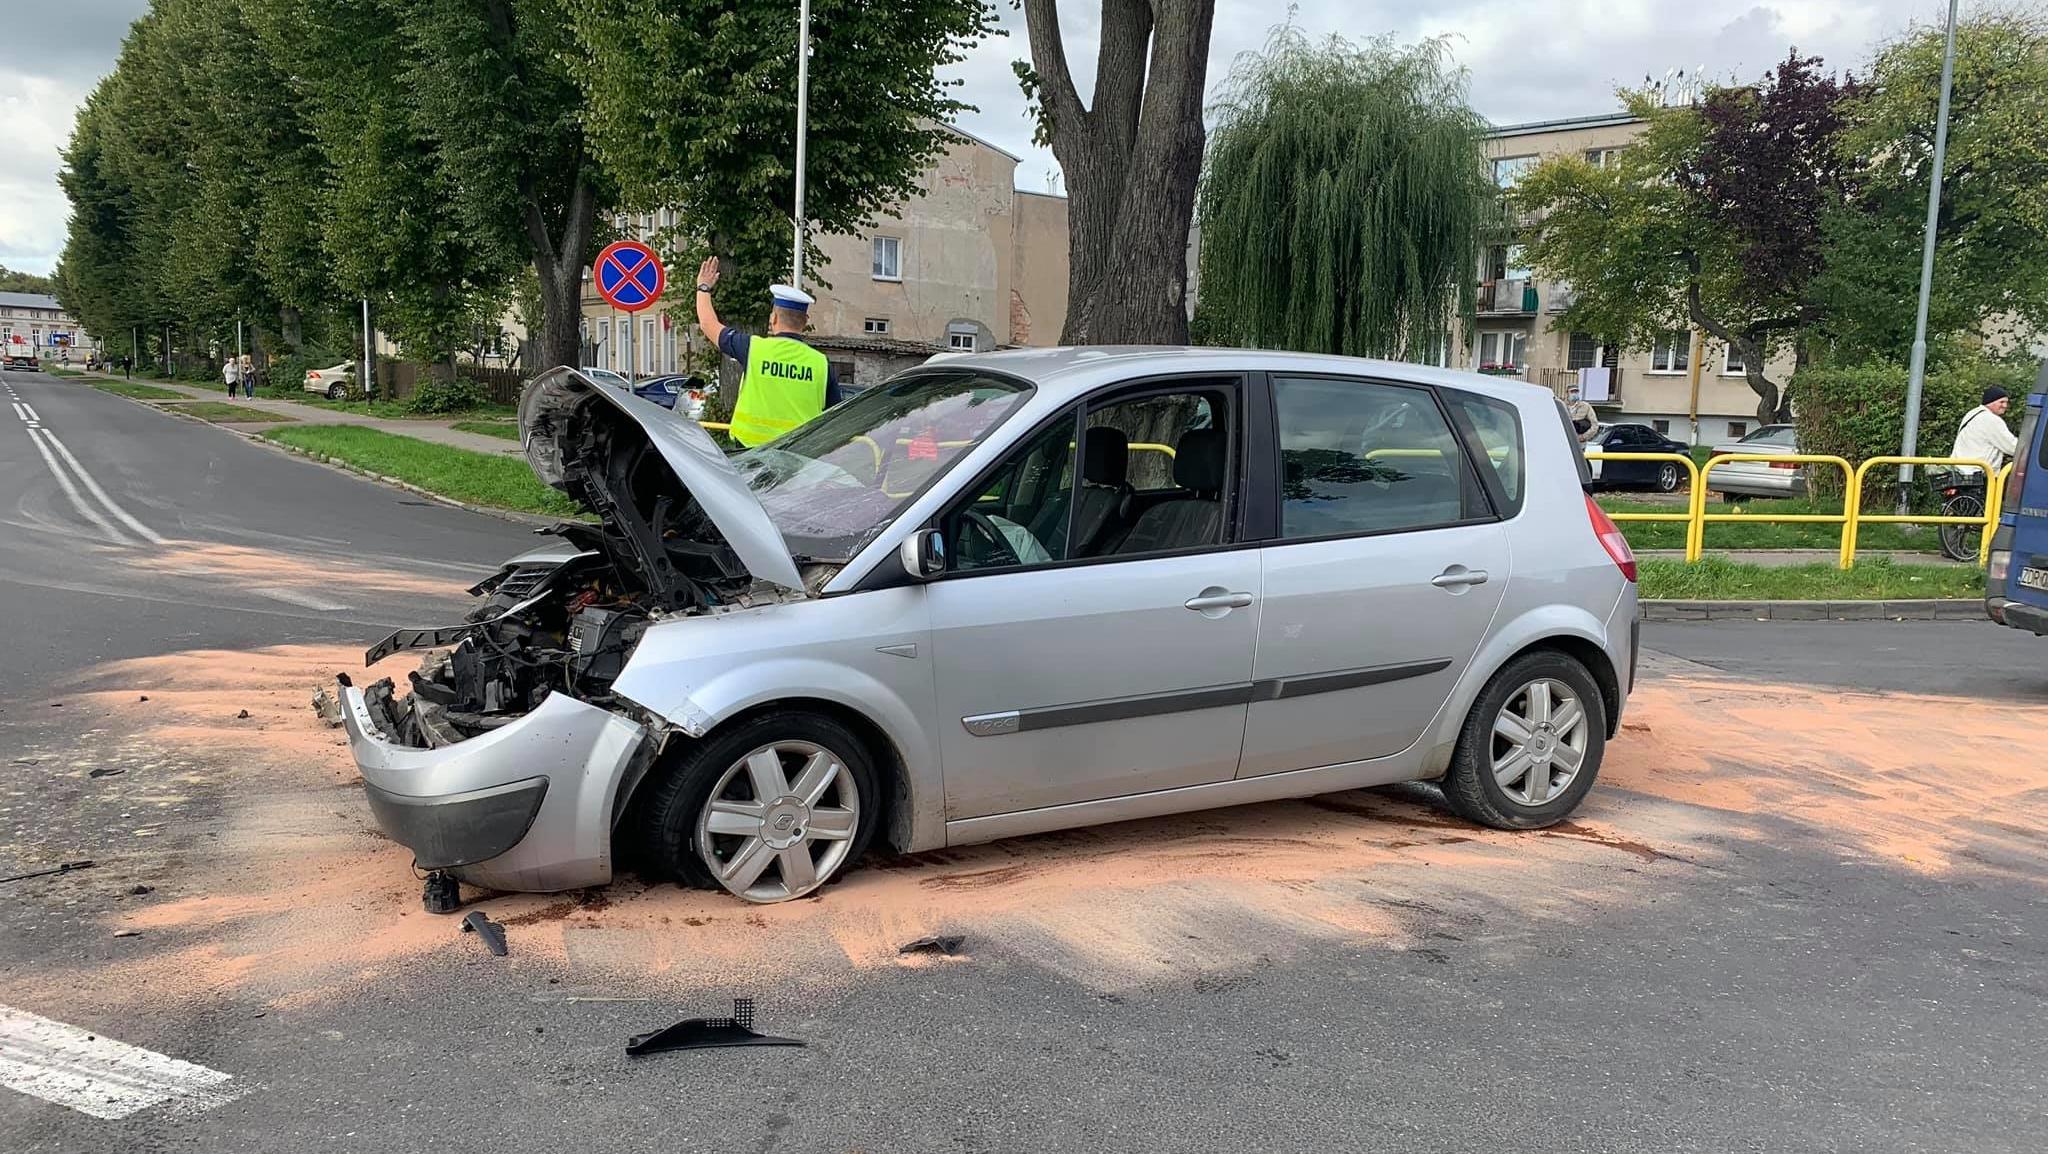 [DK 20] Złocieniec - Pijany kierowca spowodował wypadek